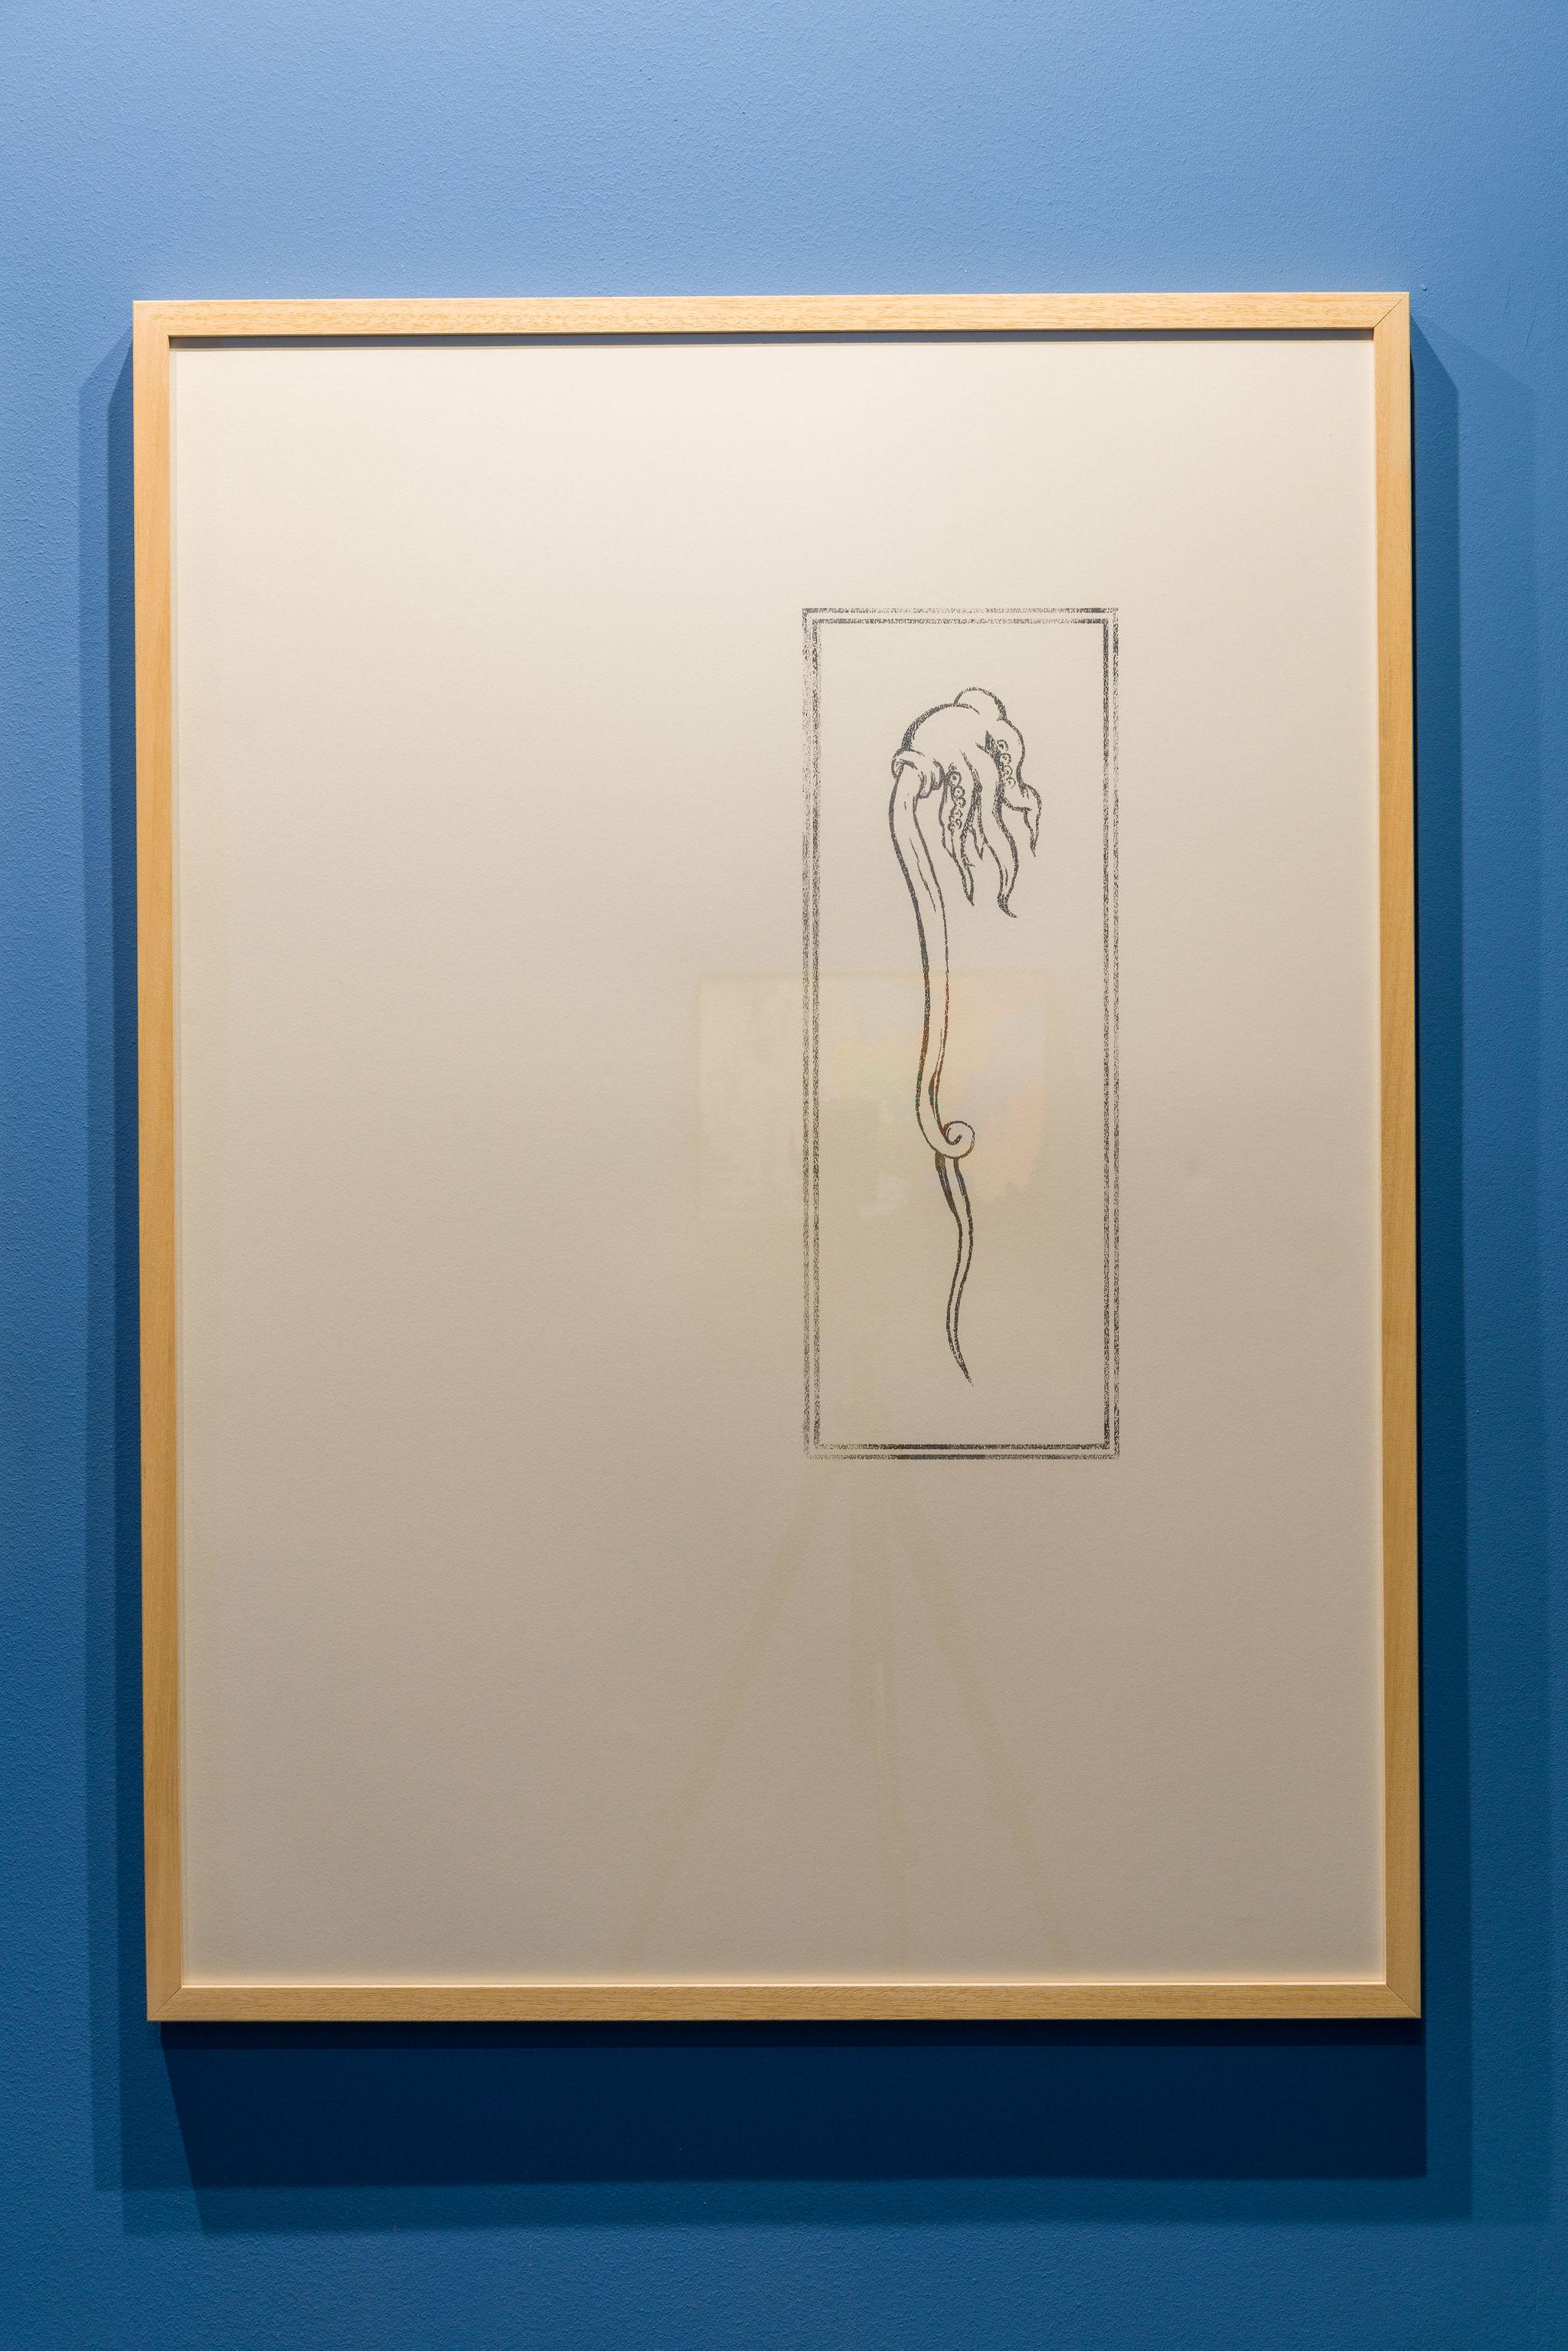 Flaviu Rogojan, Octopucker, 2021, Dye Transfer on Paper